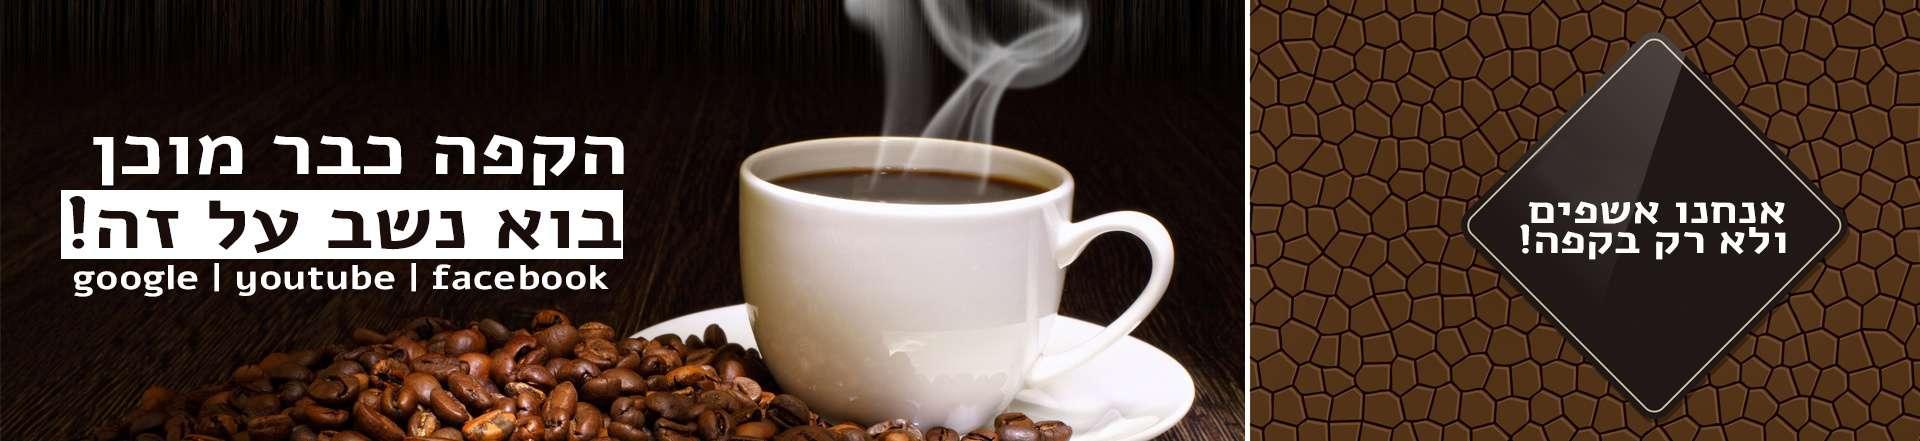 הקפה כבר מוכן, בואו נשב על זה